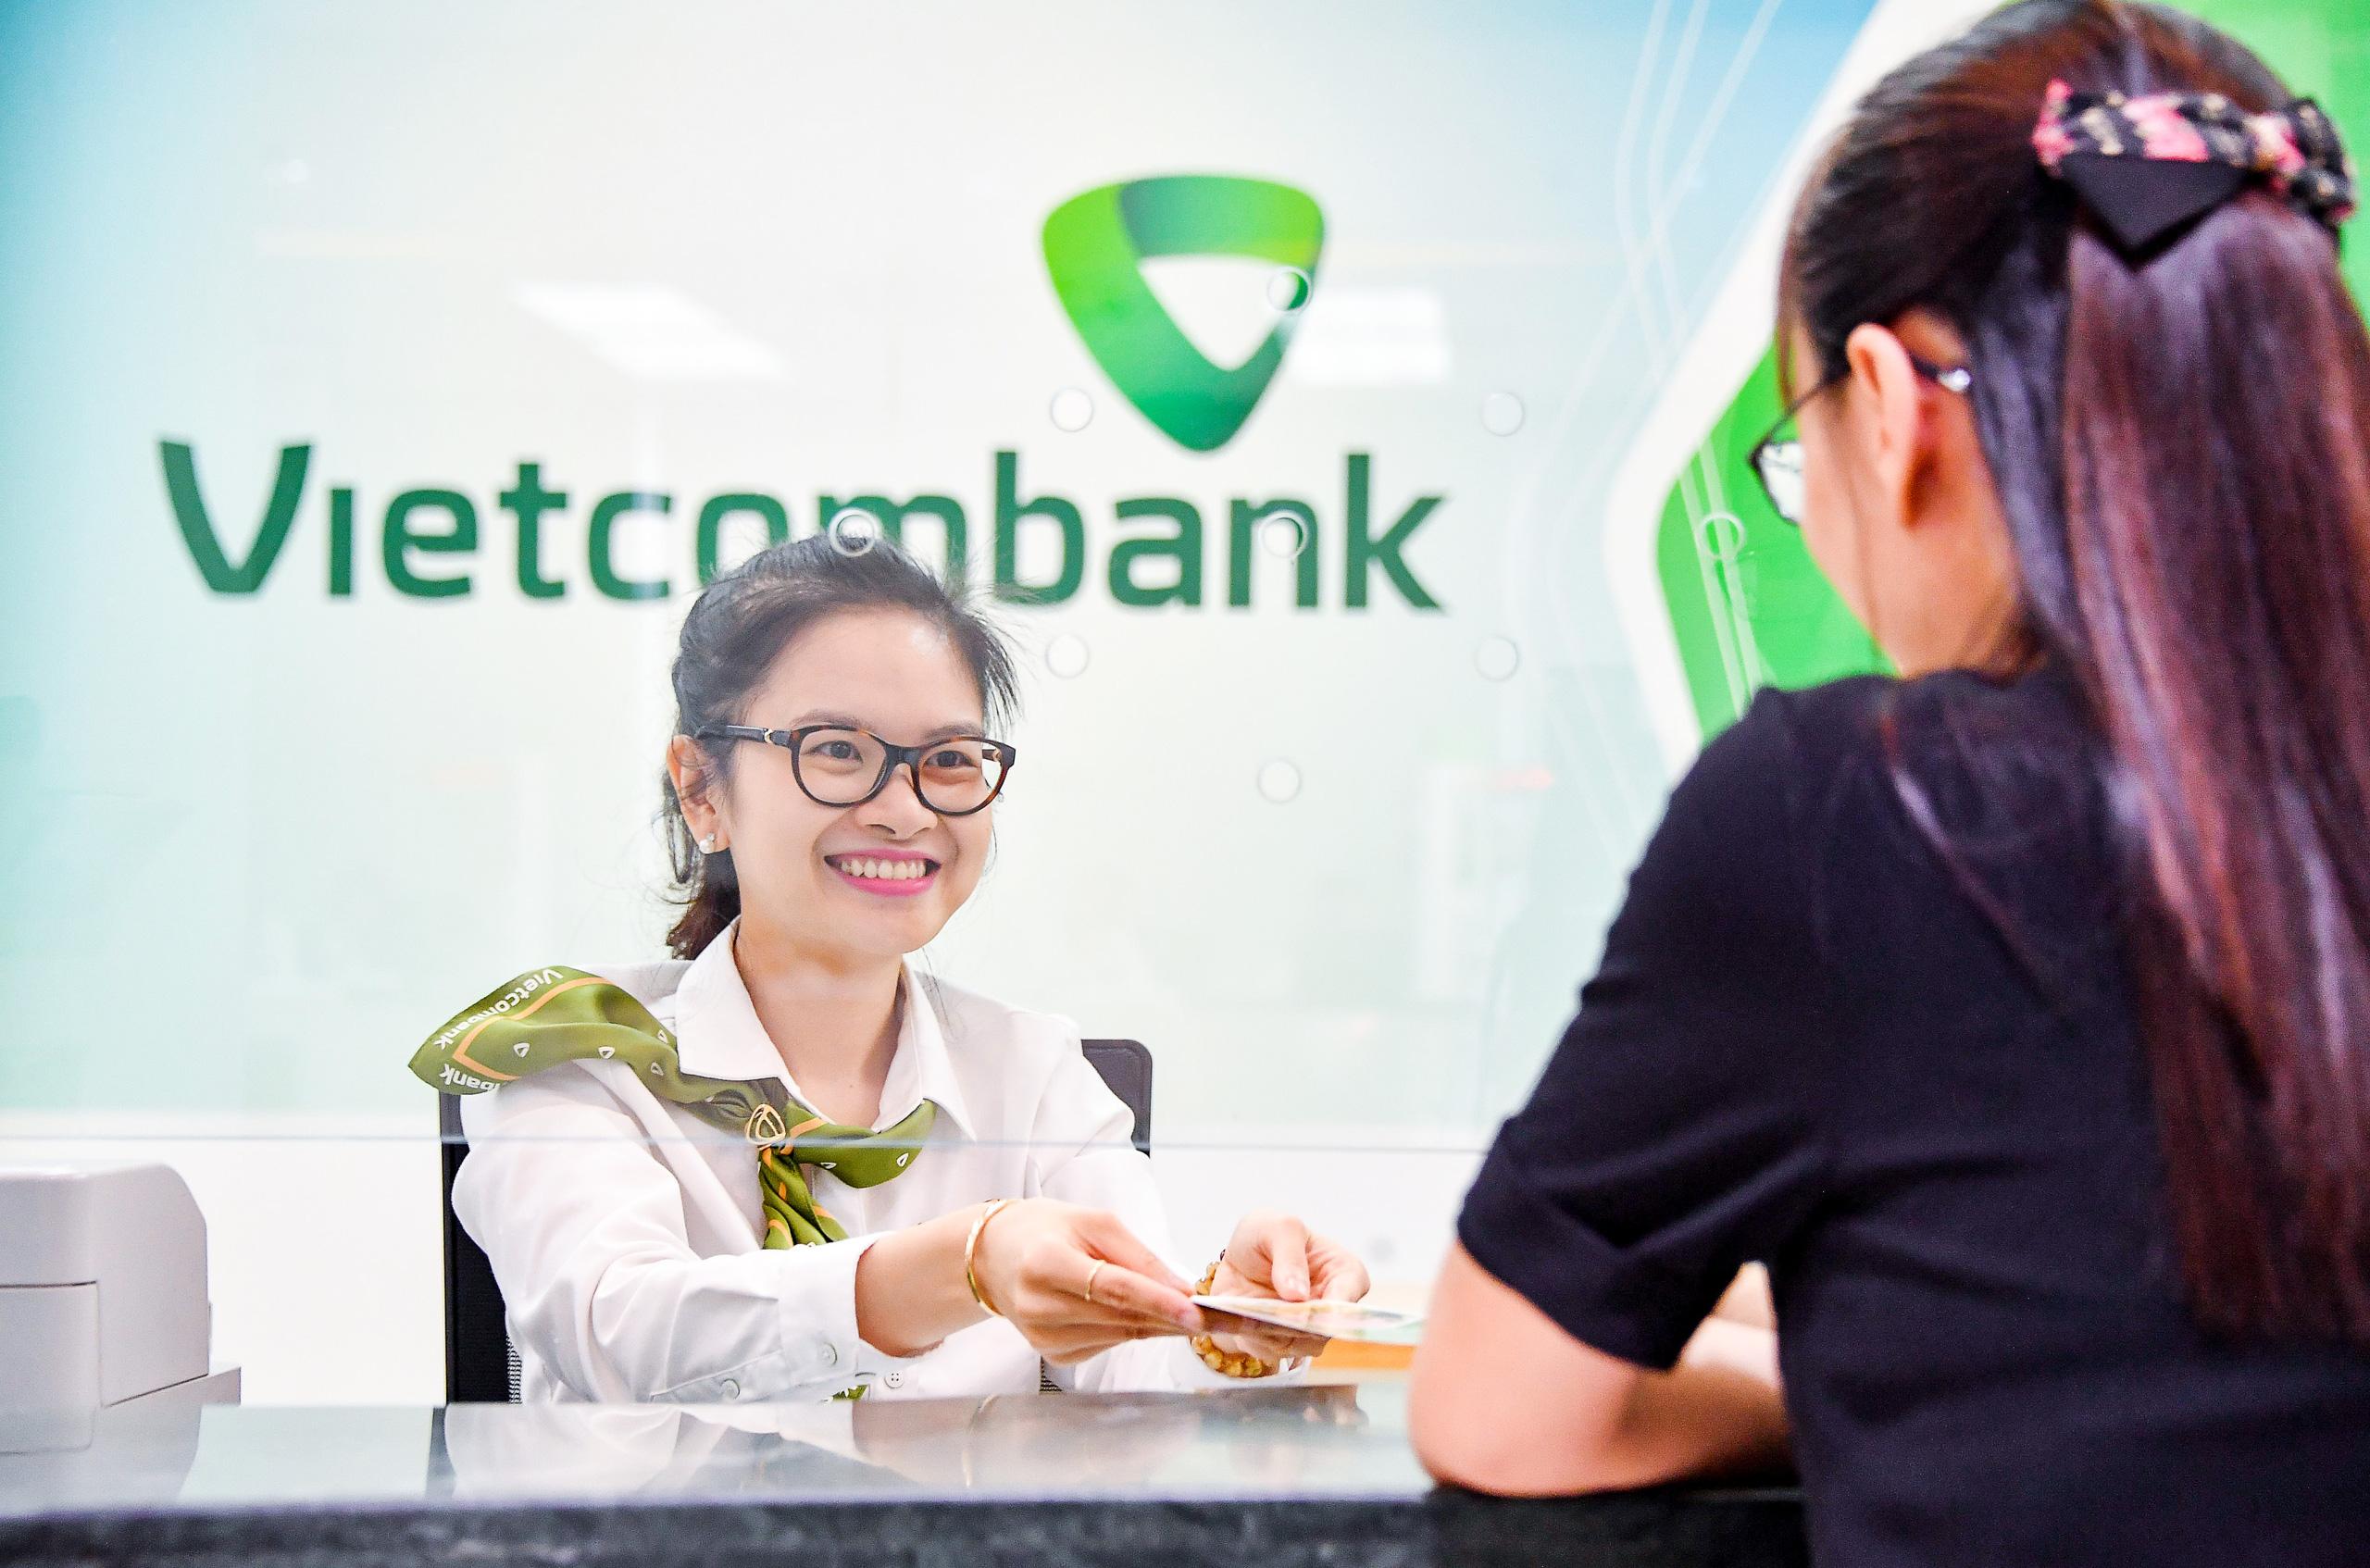 Vietcombank ước lãi 7.000 tỷ đồng trong quý I/2021, tăng trưởng tín dụng đạt 3,7% - Ảnh 1.